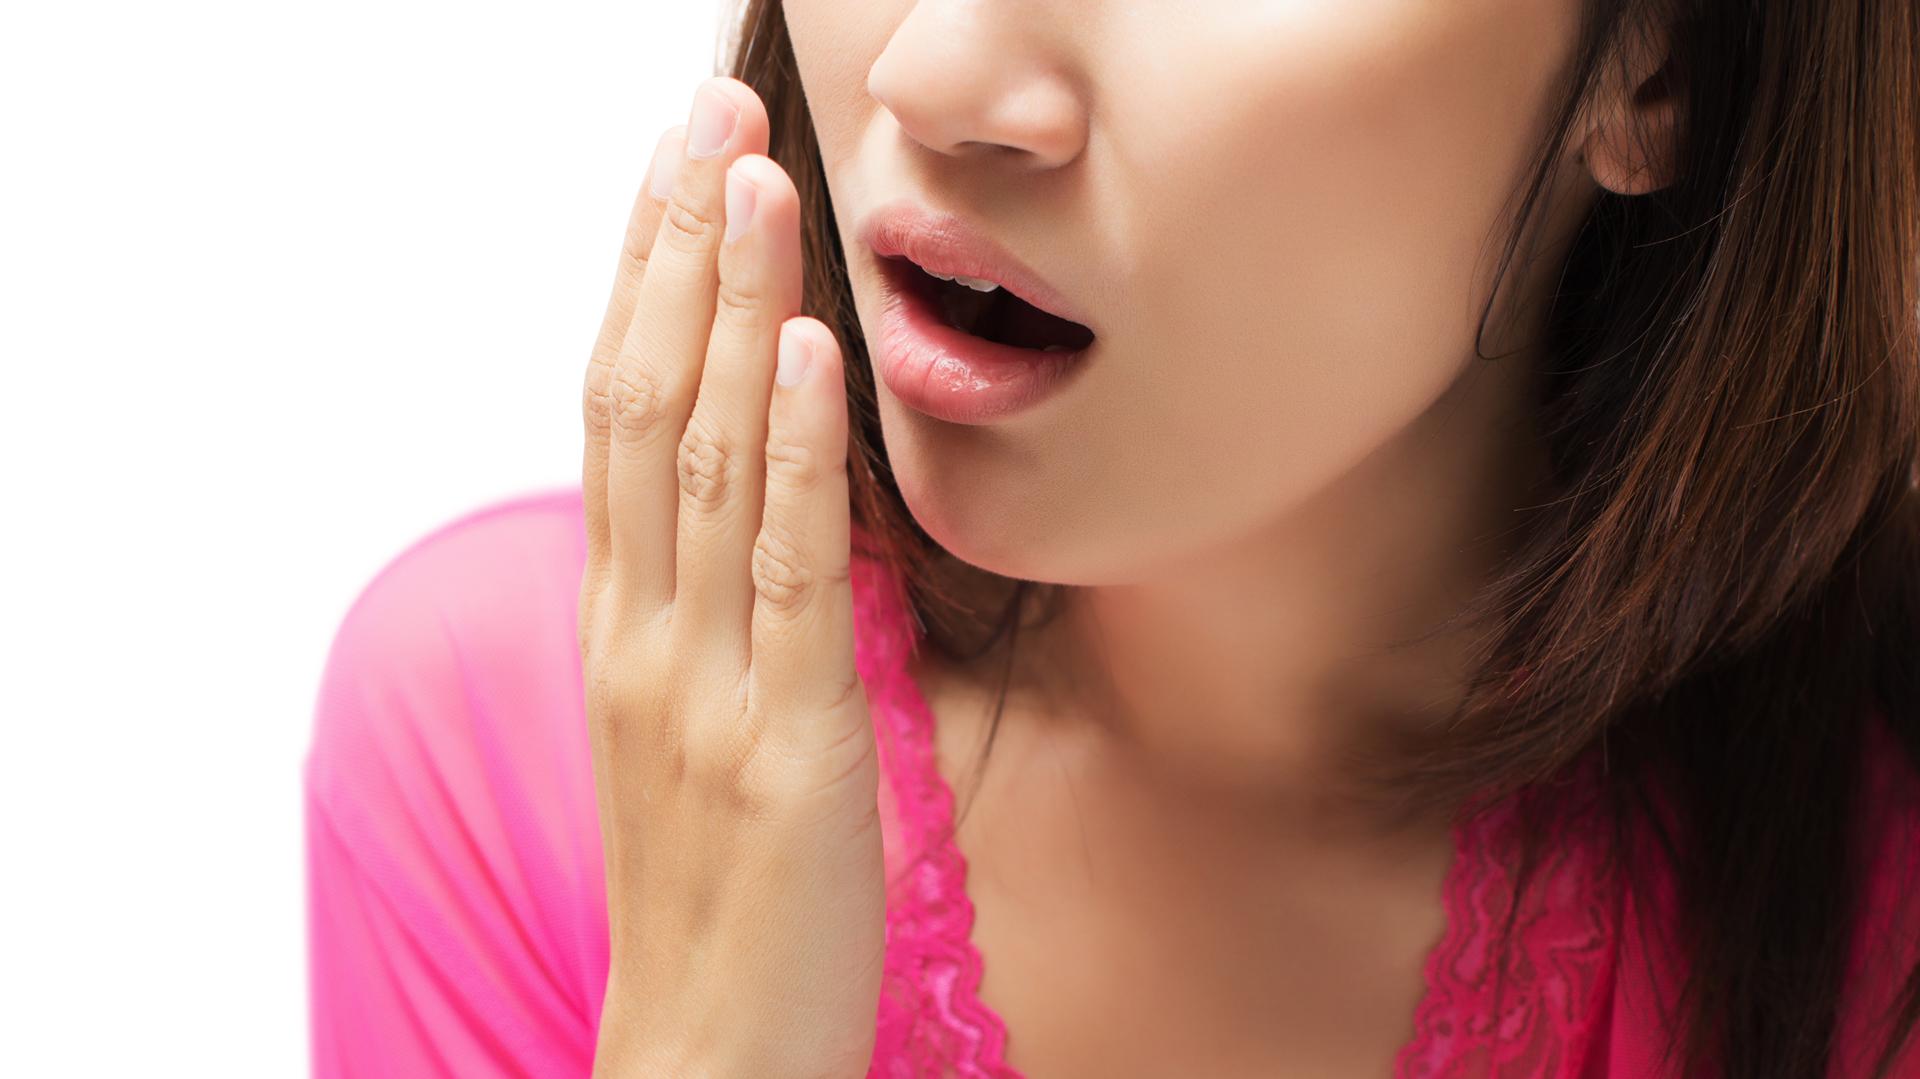 La halitosis, también conocida como mal aliento, se define como el conjunto de olores desagradables que se emiten por la boca (iStock)